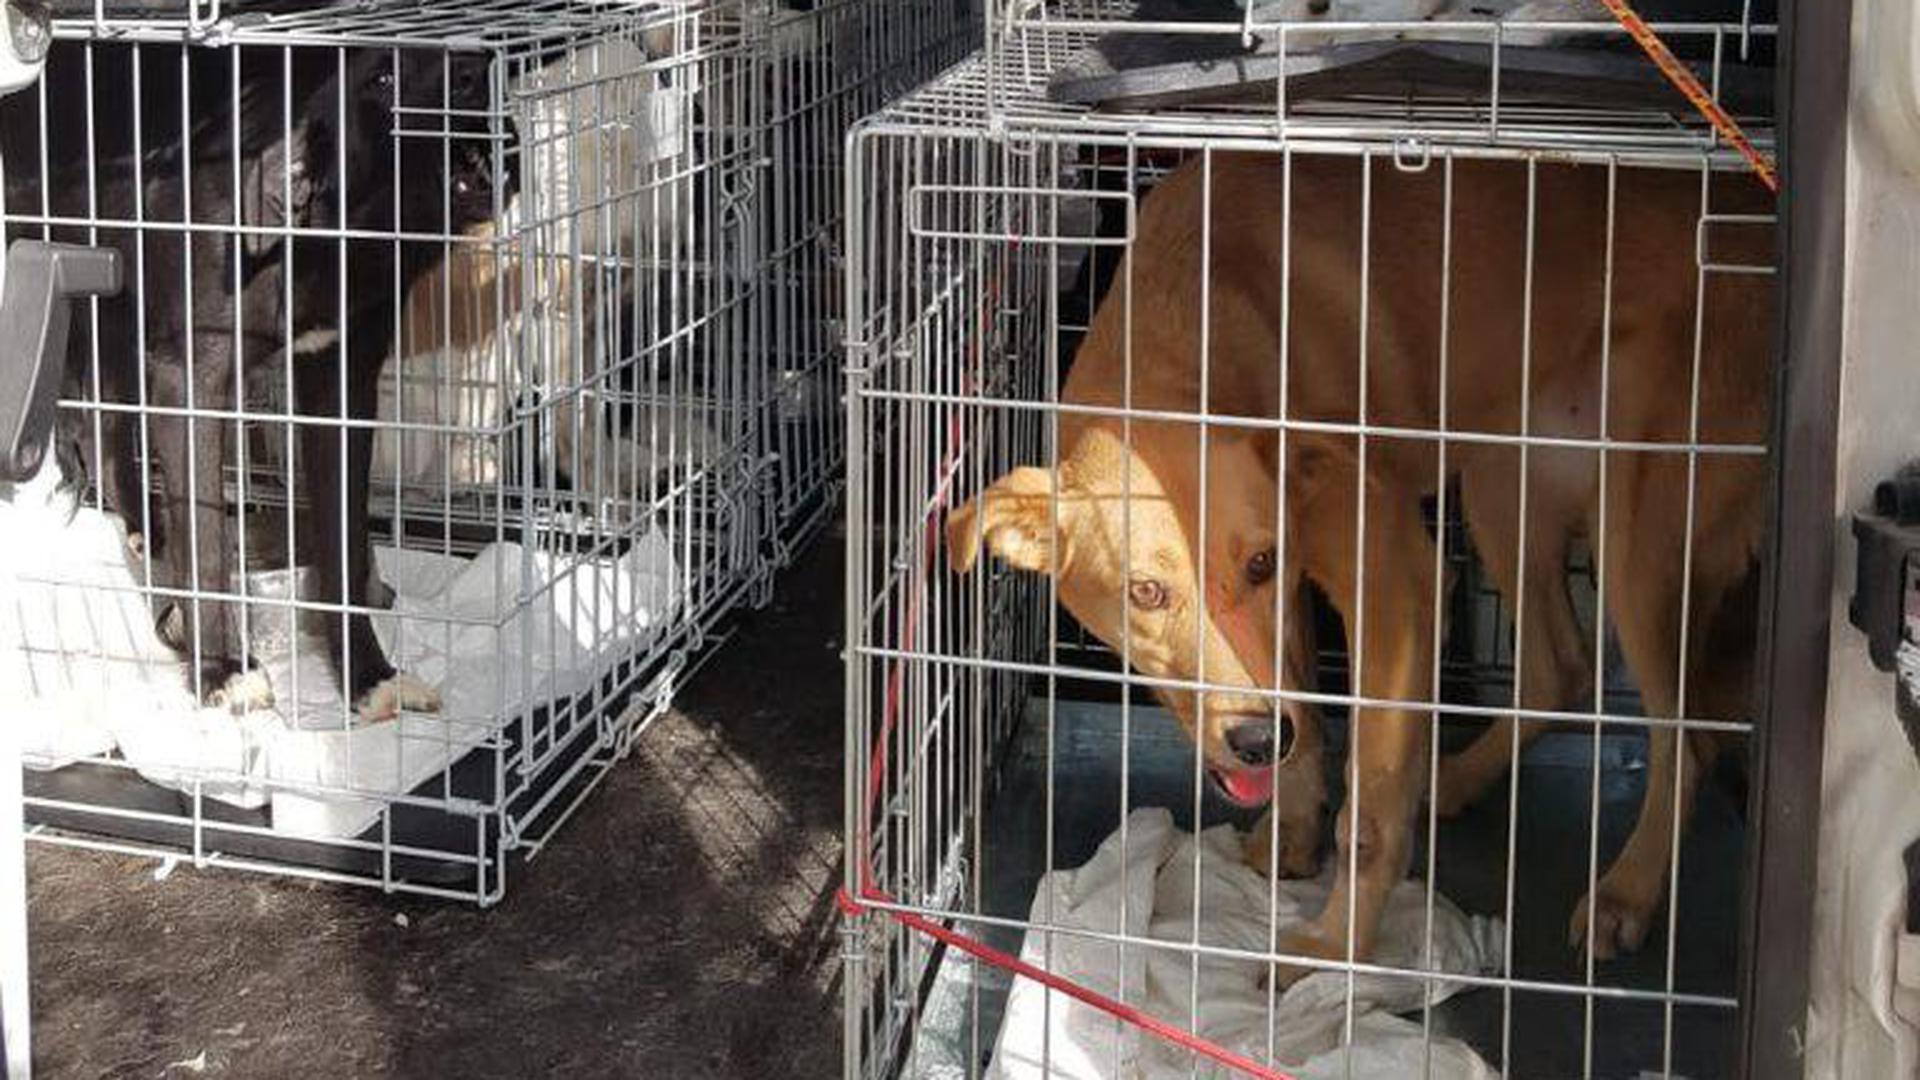 Die Kisten zu eng, die Versorgung nicht ausreichend: Ein Tiertransporter mit 27 Hunden wurde zuletzt bei Karlsruhe kontrolliert.